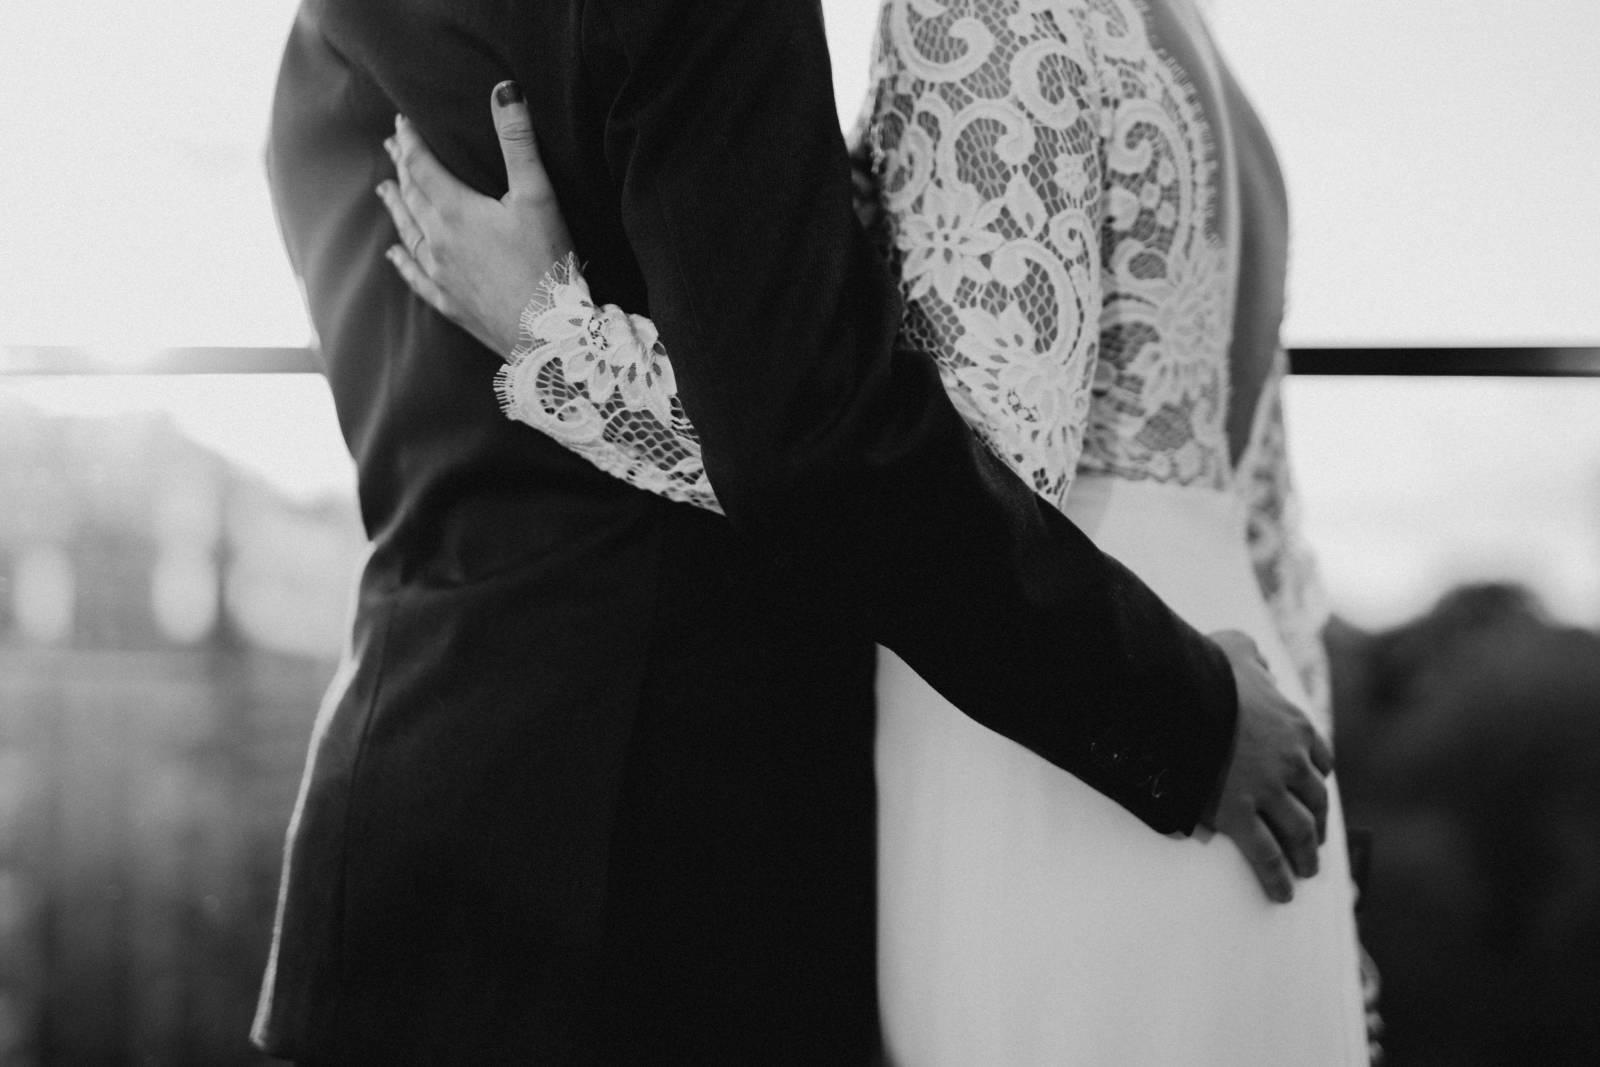 Frankie and Fish - Trouwfotograaf - Huwelijksfotograaf - Bruidsfotograaf - House of Weddings - 12